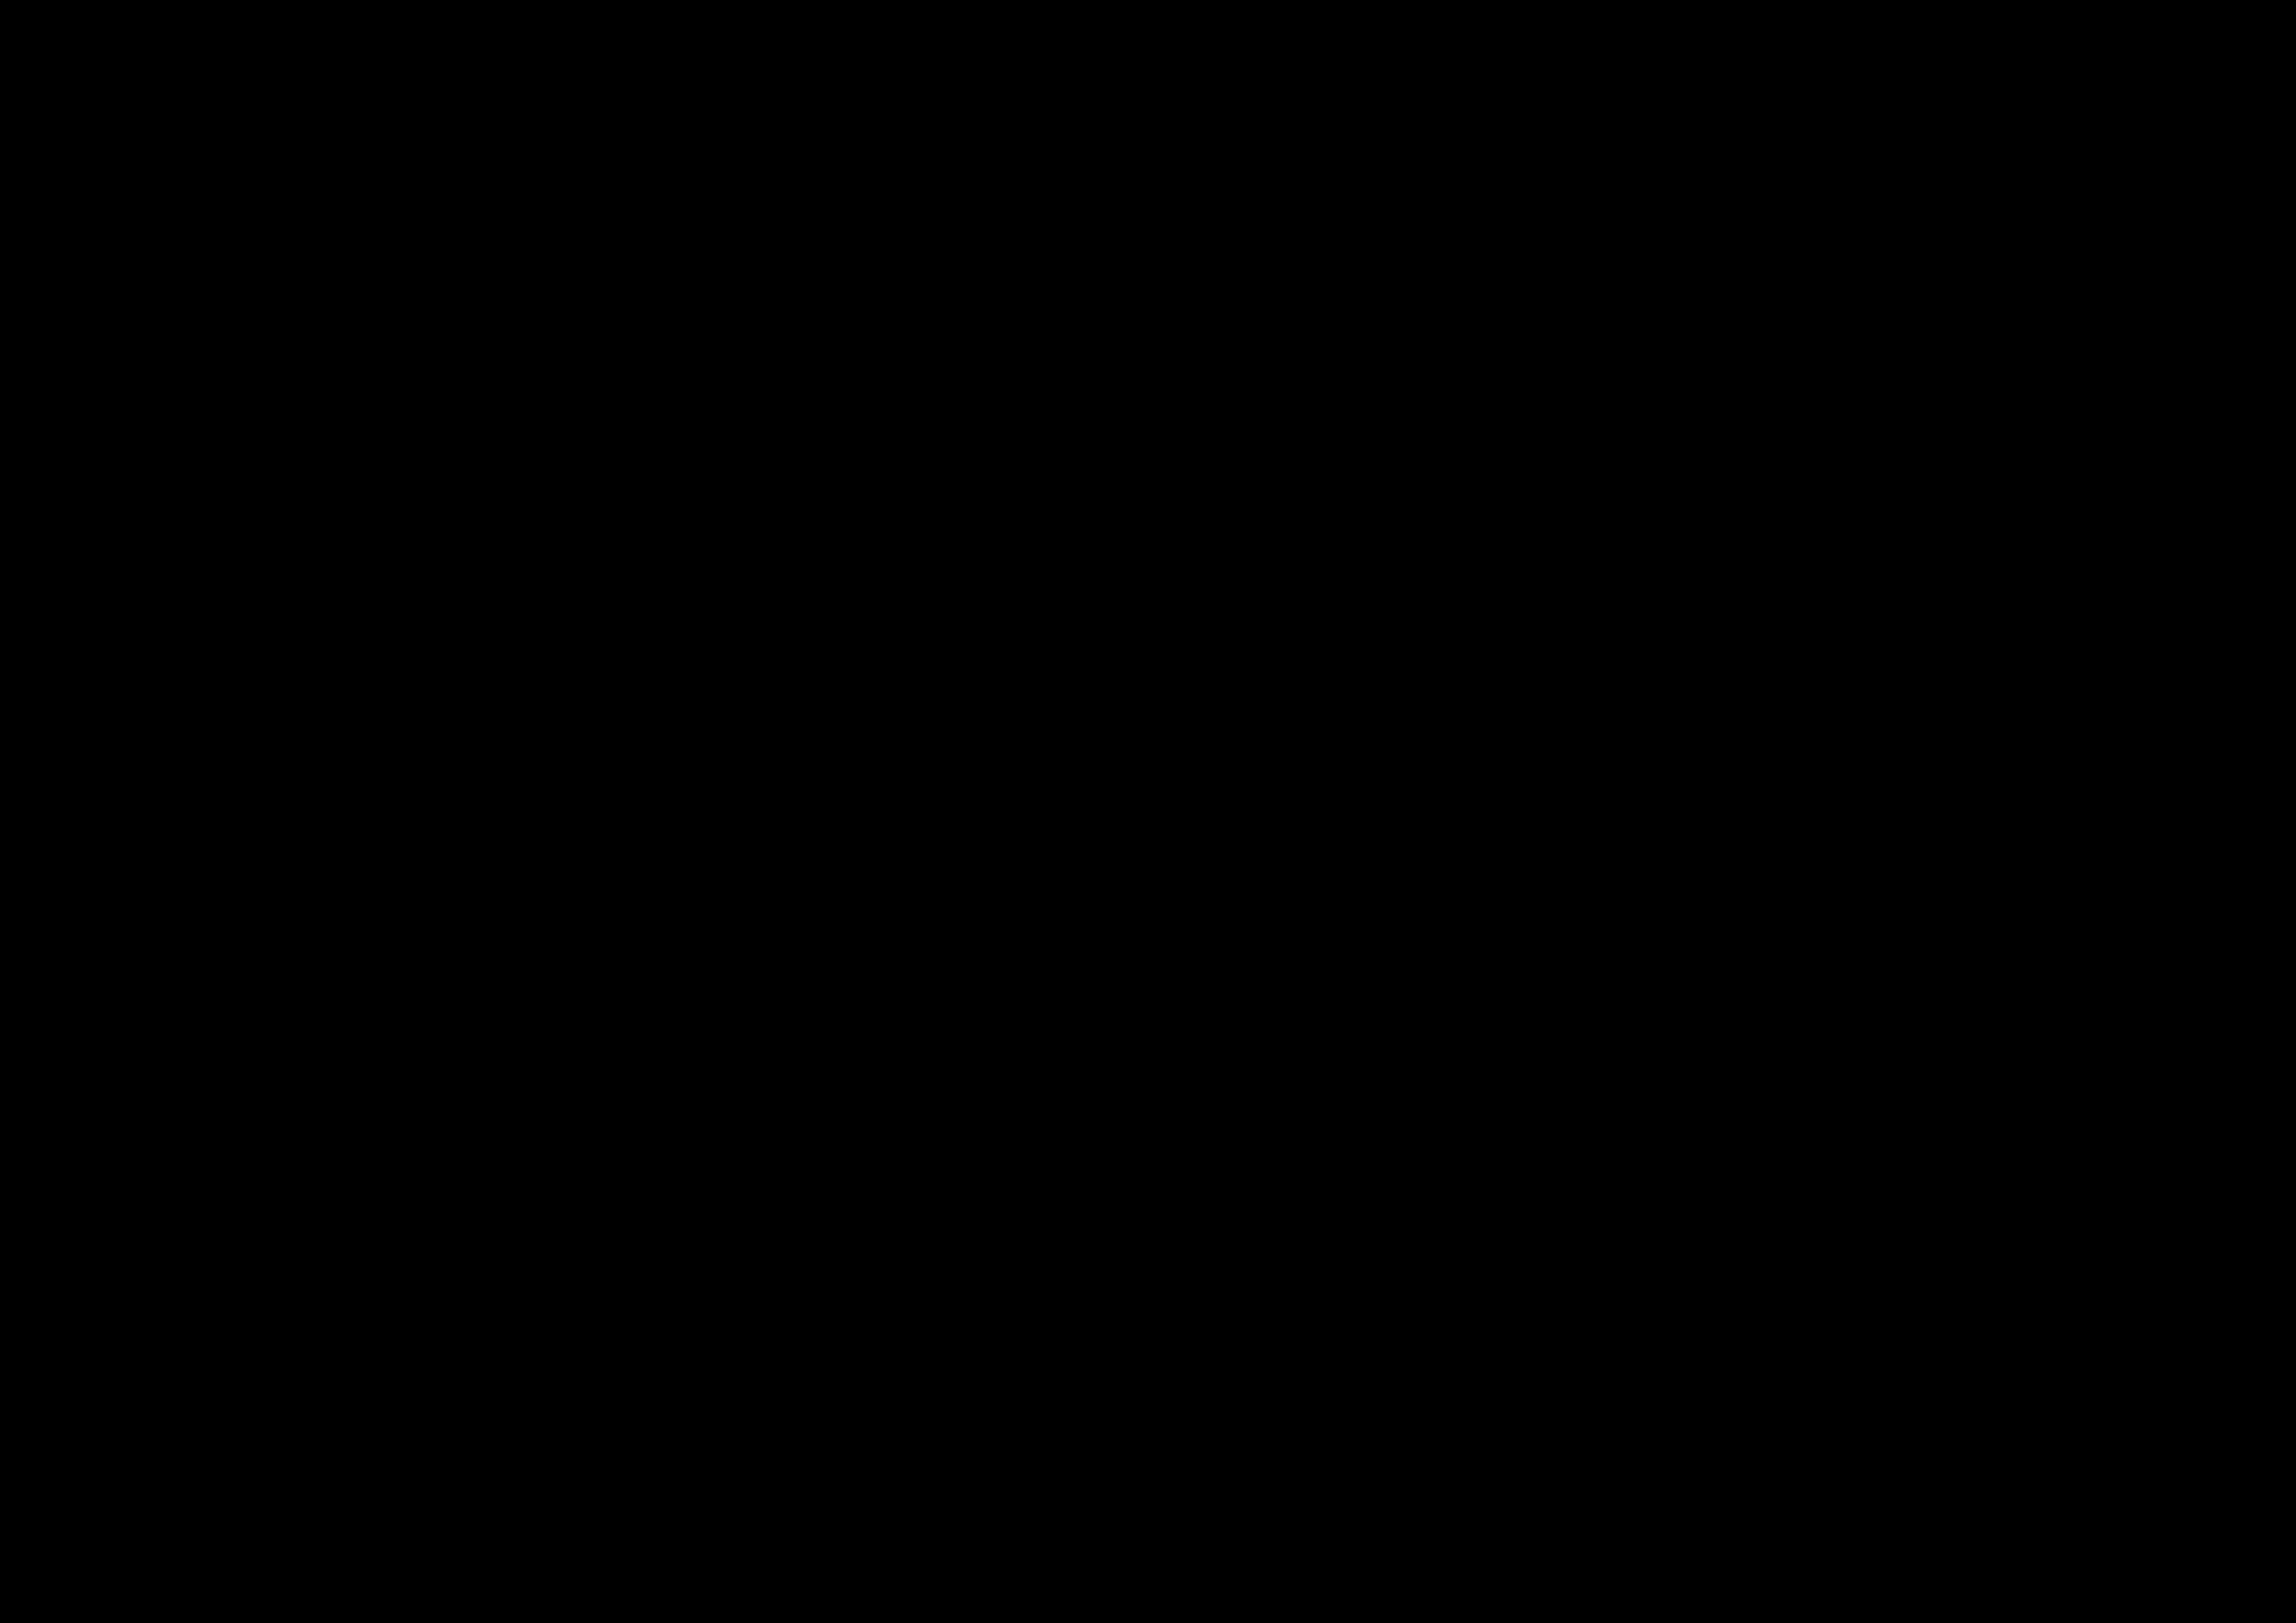 Hrekkjavaka Miðbergs í vetrarfríinu